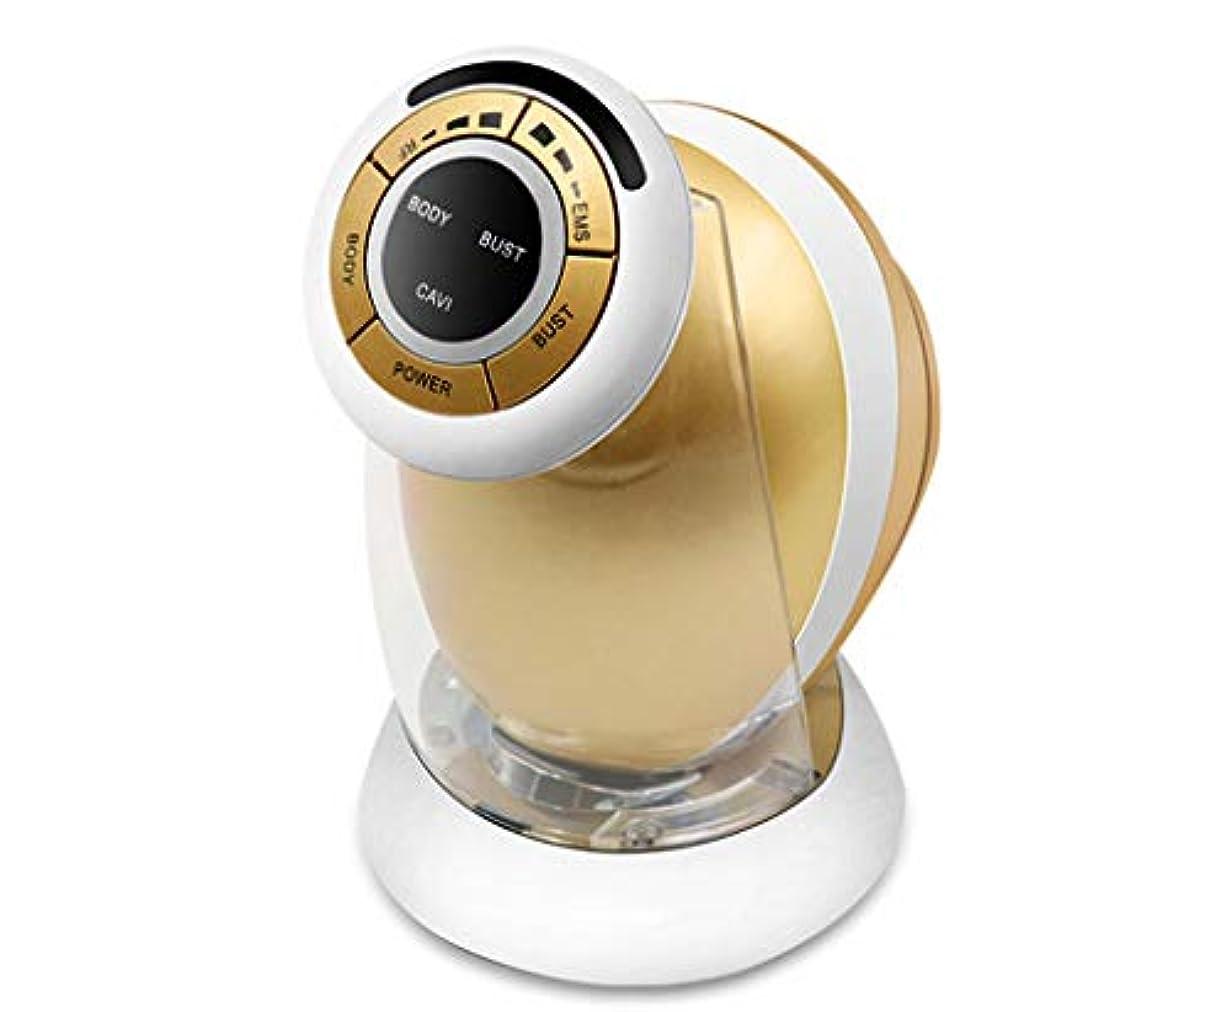 情熱速報レンダー体重減少計、携帯型減量装置、ボディマッサージスリミングマシン、セルライト除去用脂肪減量防水+充電式